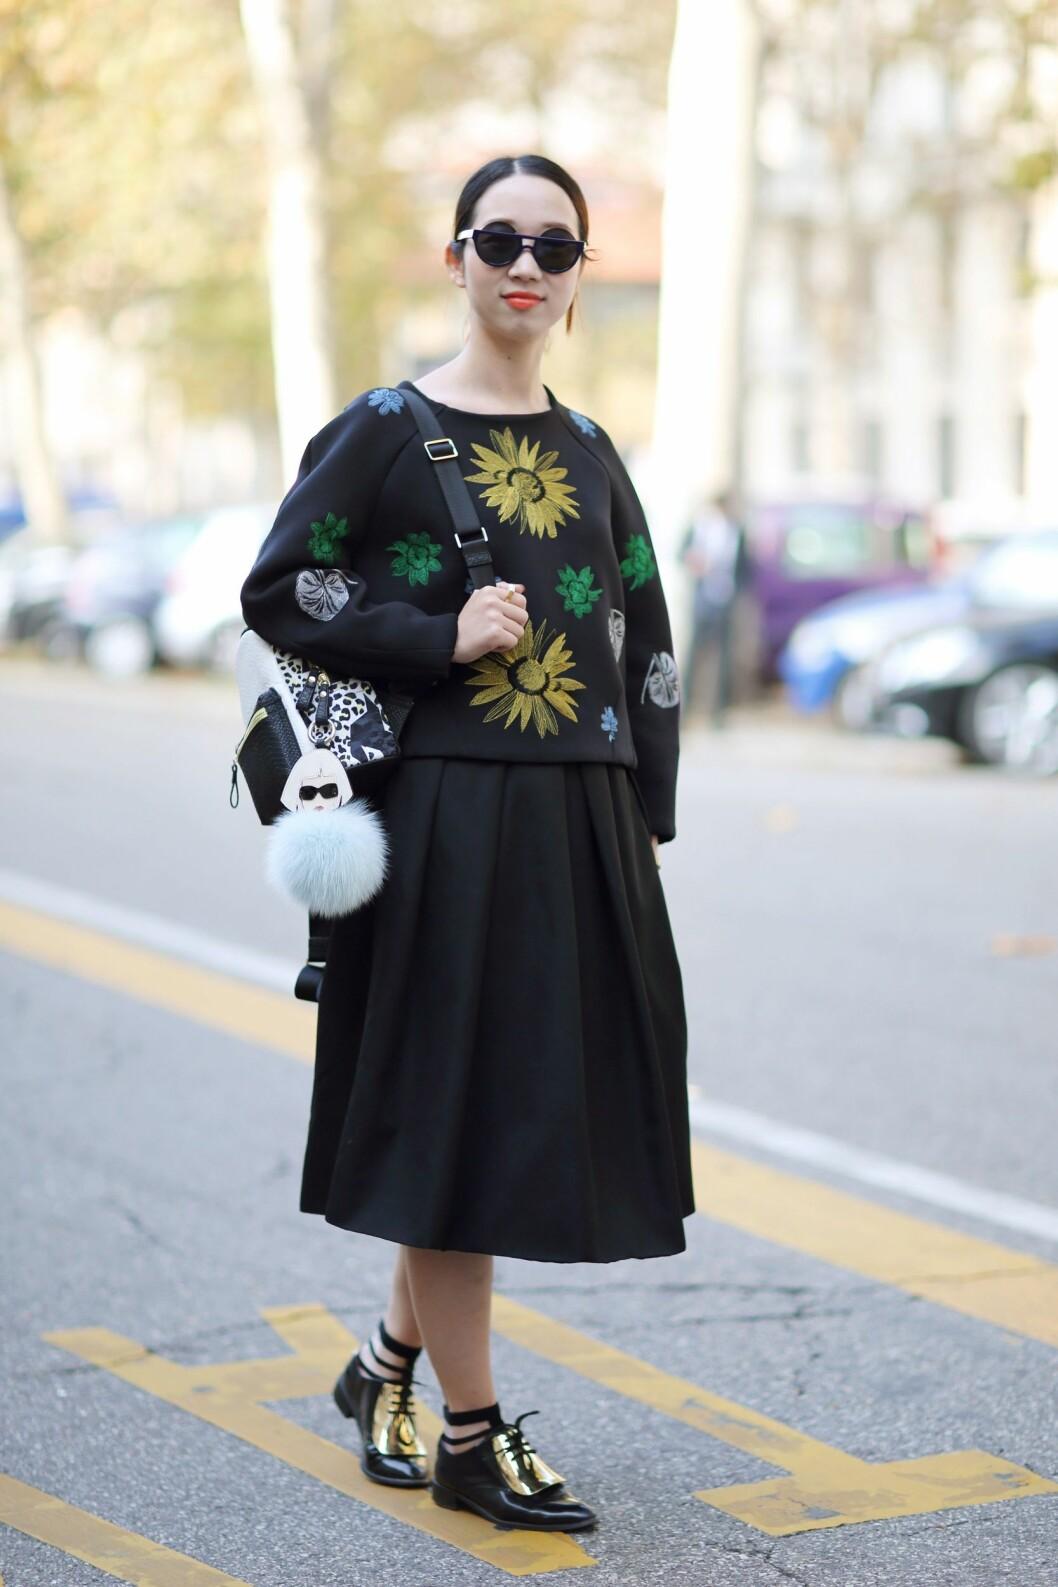 Blomstermønster trenger ikke bety fargesprakende og oppsiktsvekkende plagg. En svart genser med enkelt mønstermotiv er en enkel måte å følge trenden.  Foto: All Over